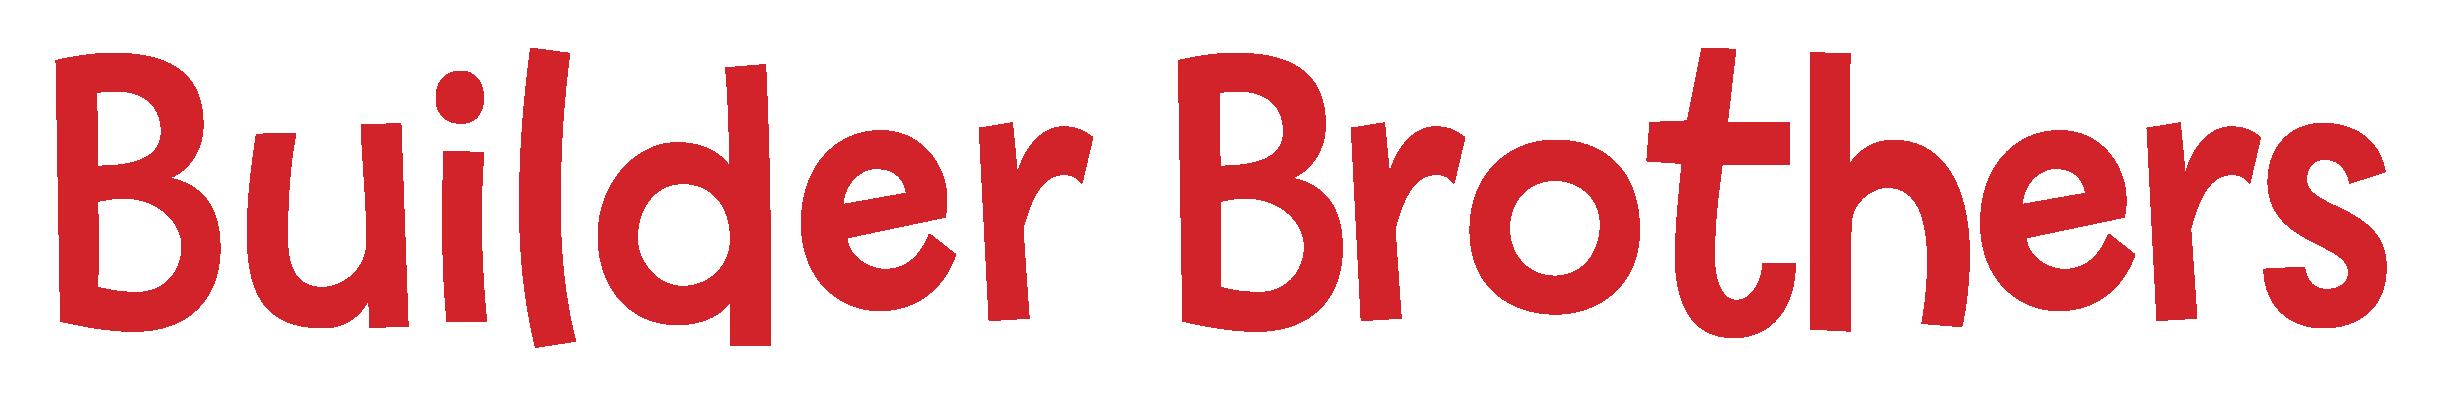 bb-tt-udpate